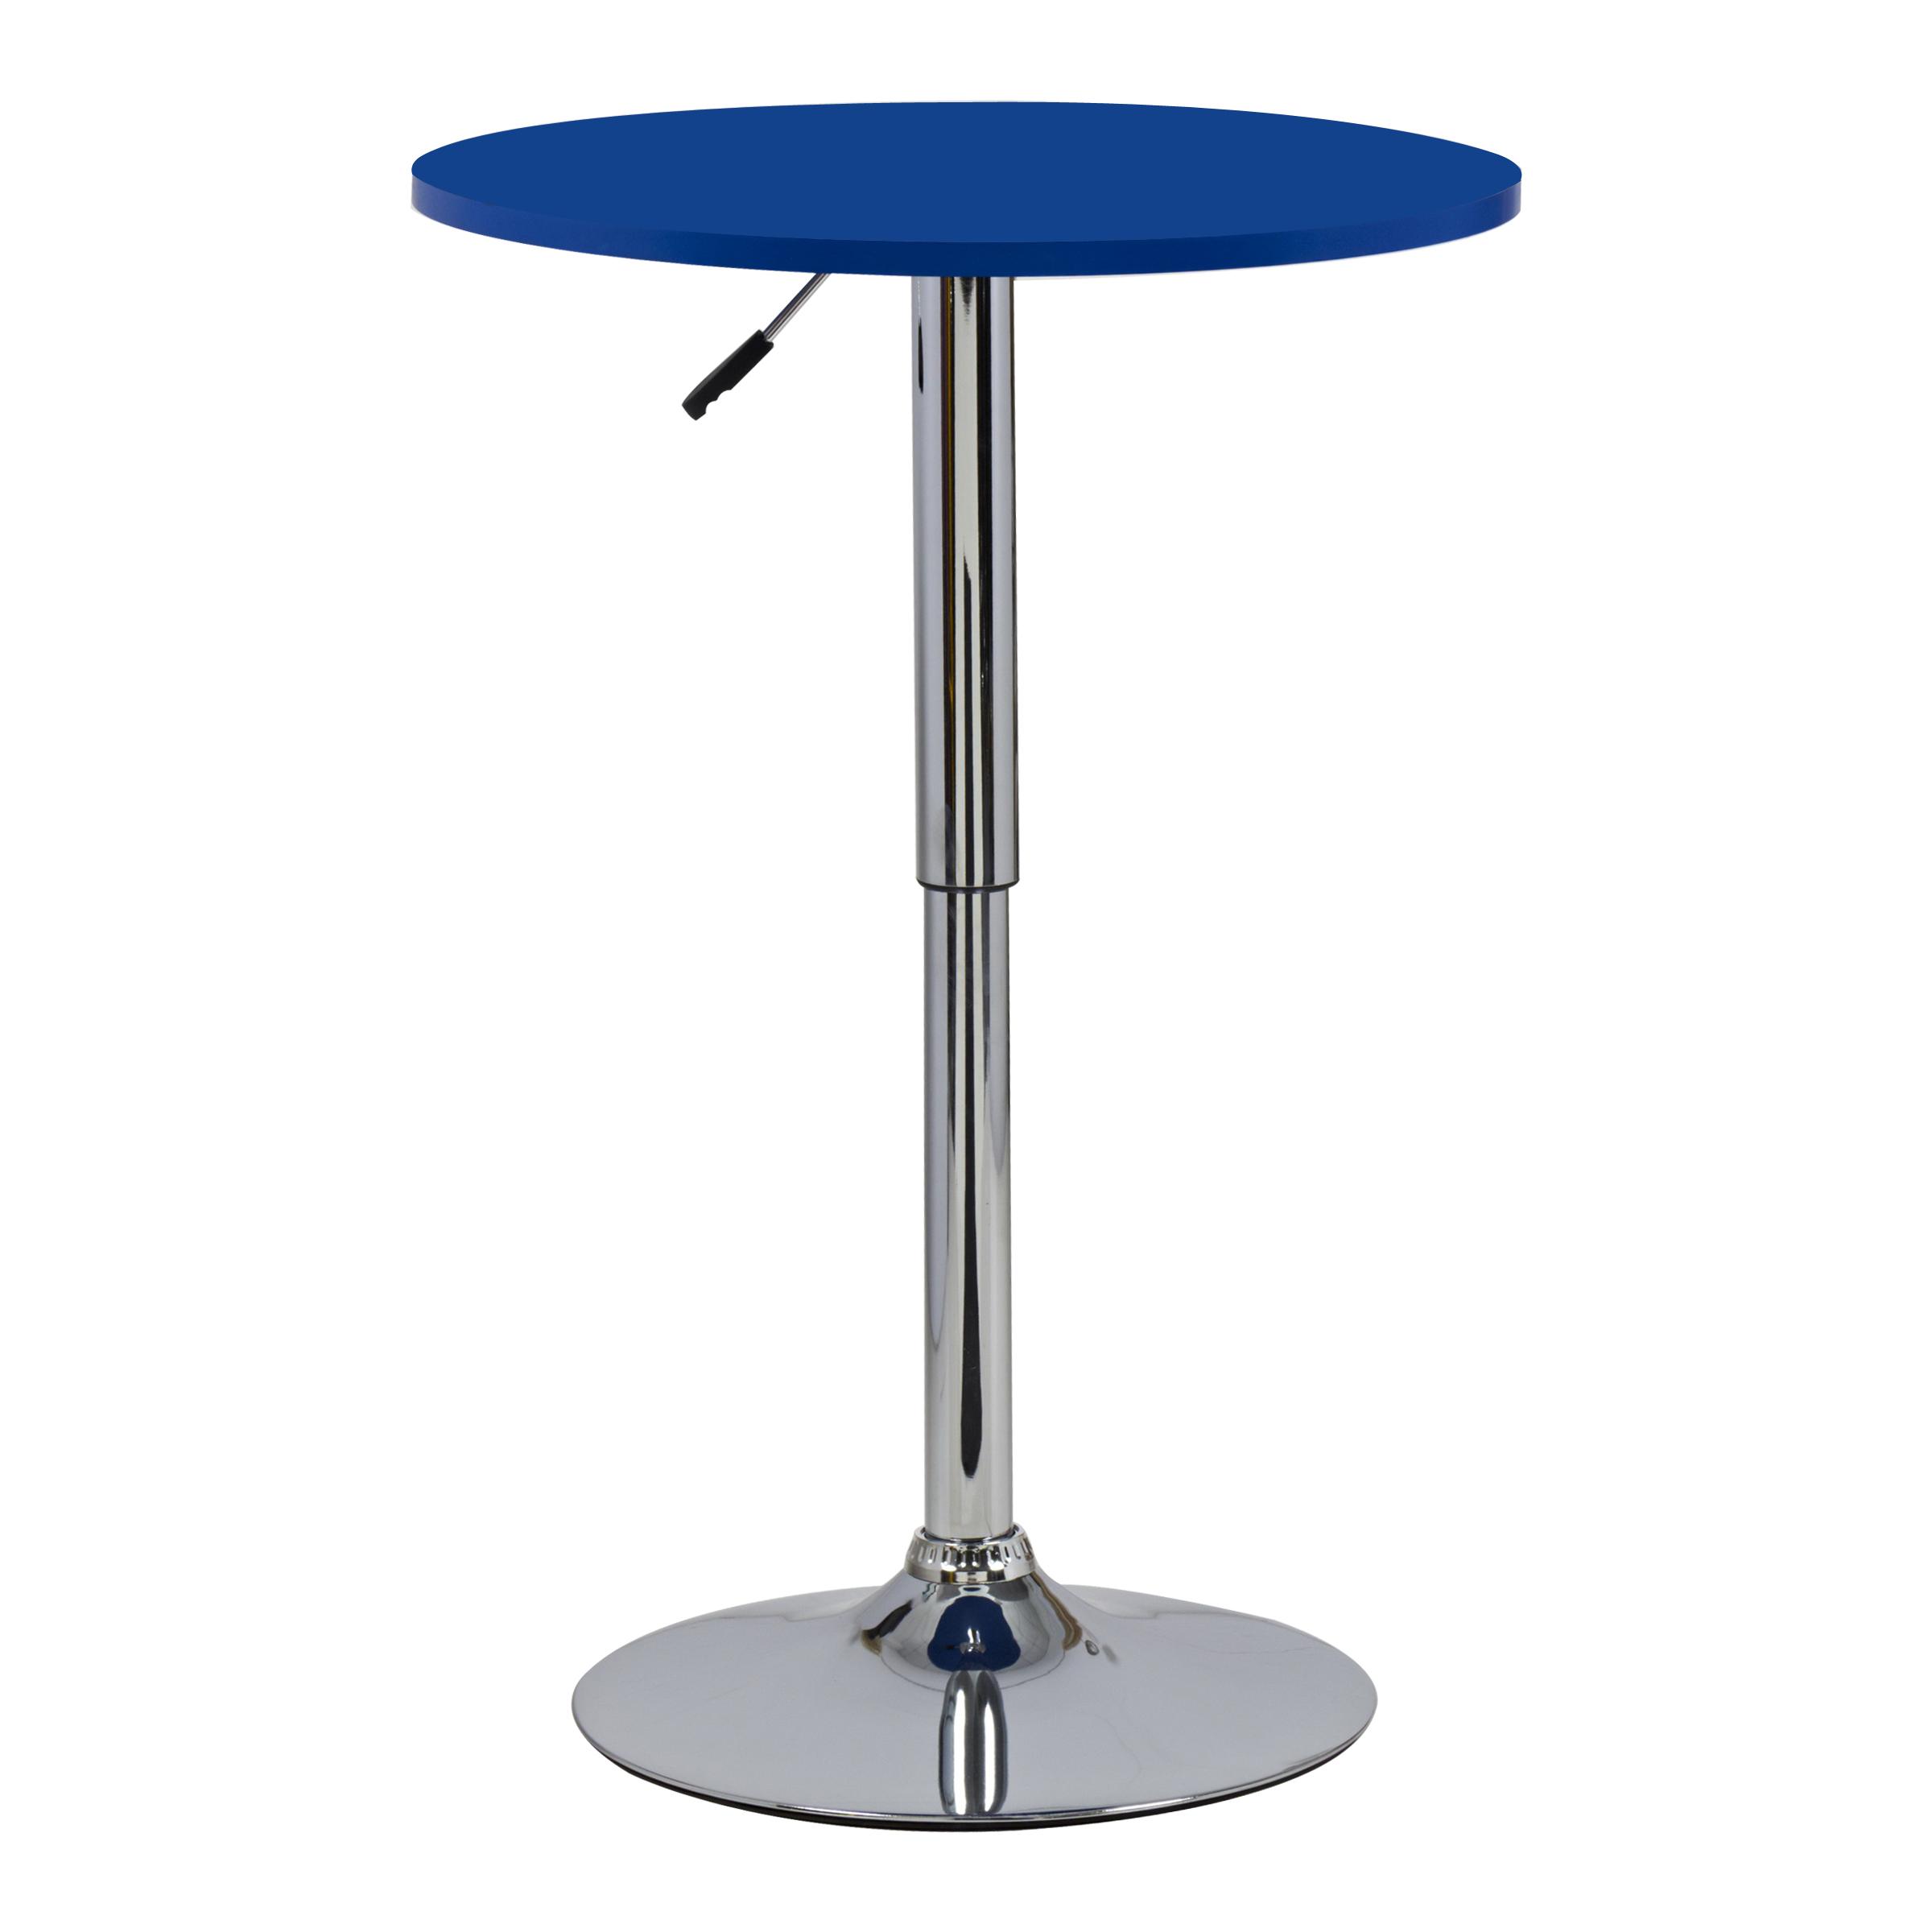 1 Table de bar en MDF robuste et acier chromé réglable cuisine table ronde f054